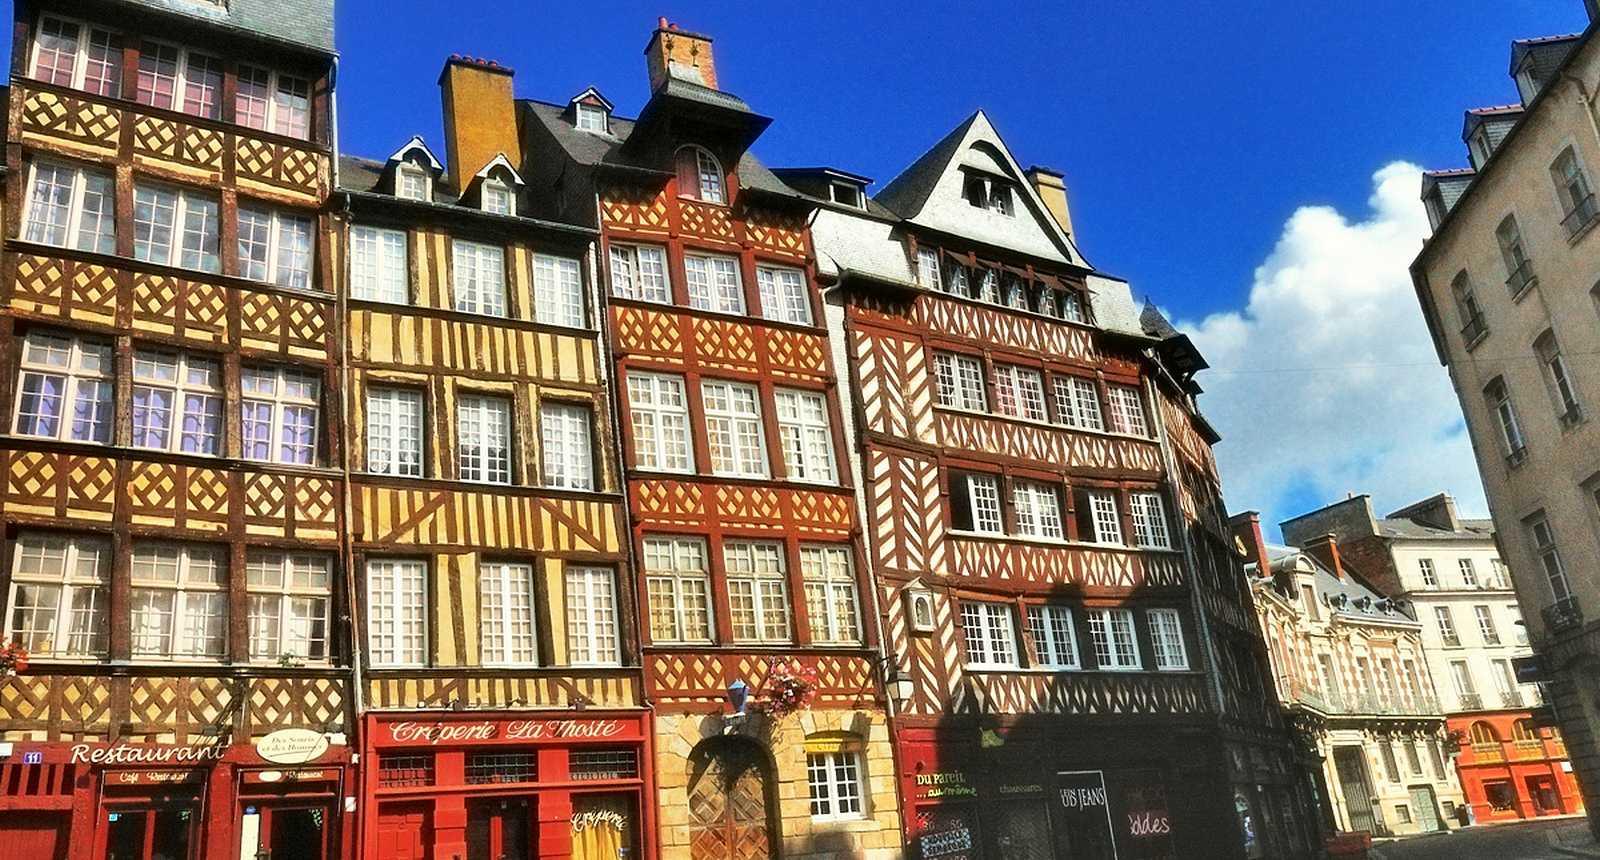 Rennes en images rennes information for Salon de la gastronomie rennes